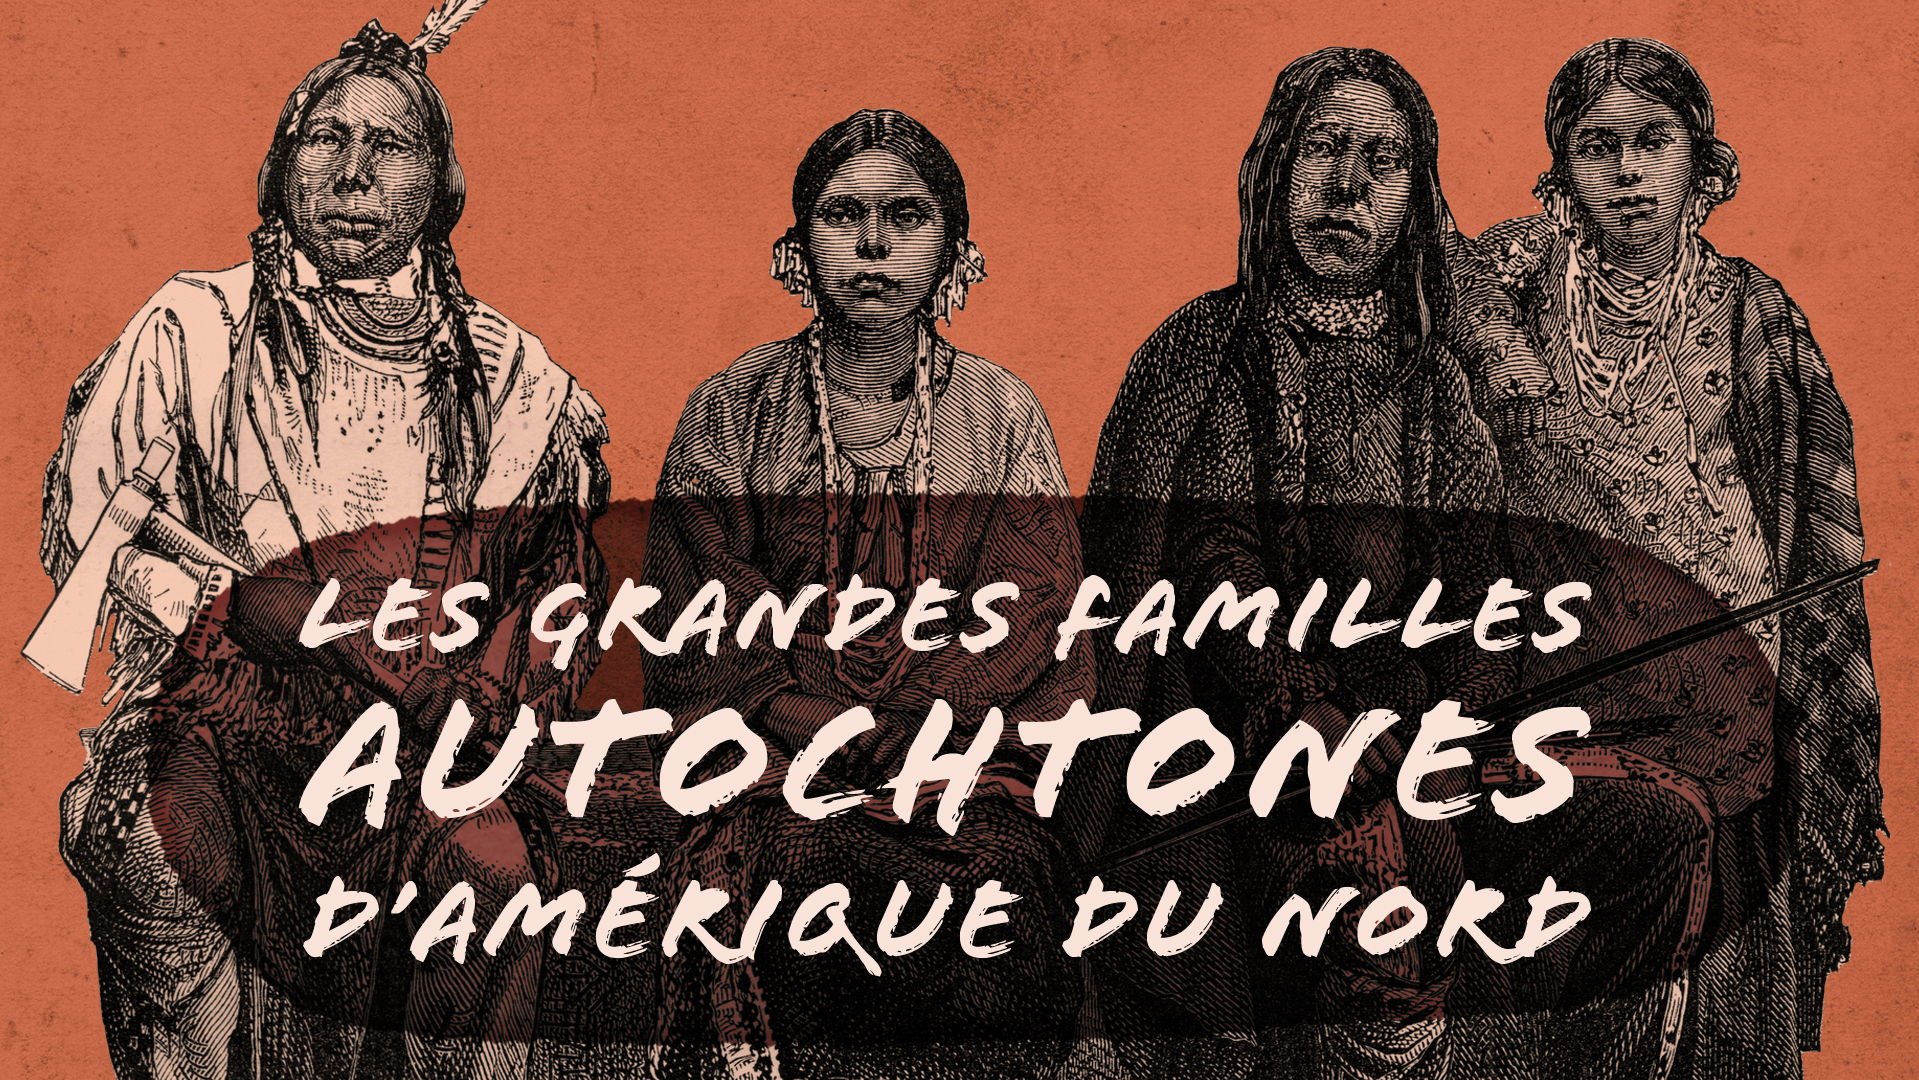 le texte «LES GRANDES FAMILLE AUTOCHTONES D'AMÉRIQUE DU NORD» avec comme fond le dessin de quatre personnes autochtones